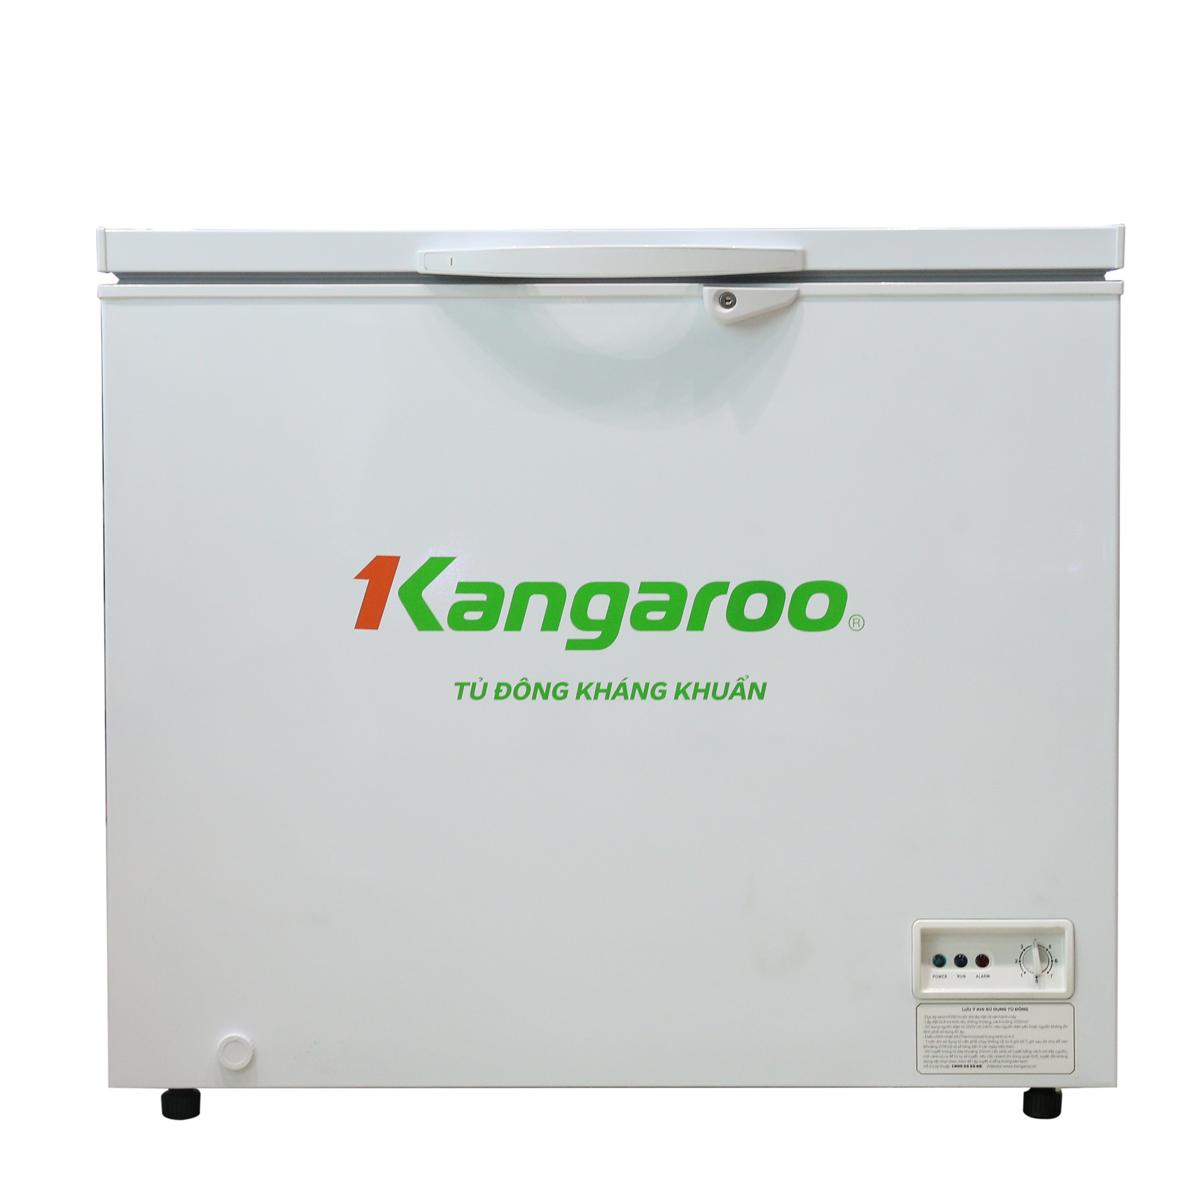 Tủ Đông Kangaroo KG298C1